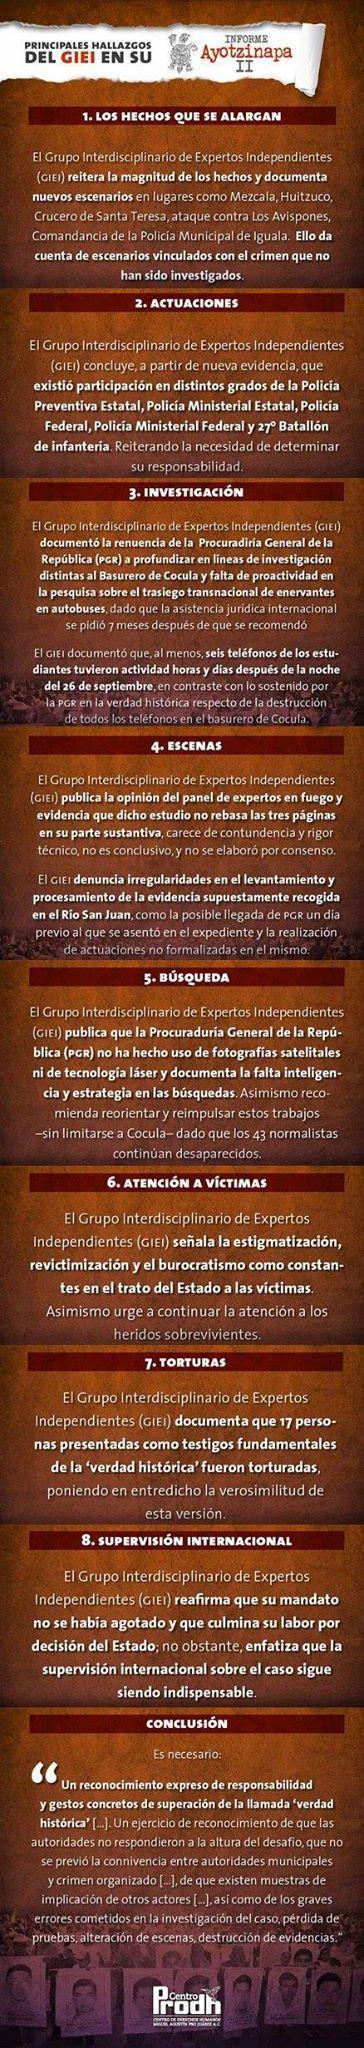 El grupo de expertos de la Comisión Interamericana de Derechos Humanos (CIDH) ha terminado su trabajo en México y ayer presentó sus conclusiones sobre la investigación de la PGR entorno a los 43 estudiantes desaparecidos. El informe es un rosario de los males que aquejan al sistema de justicia en Mé